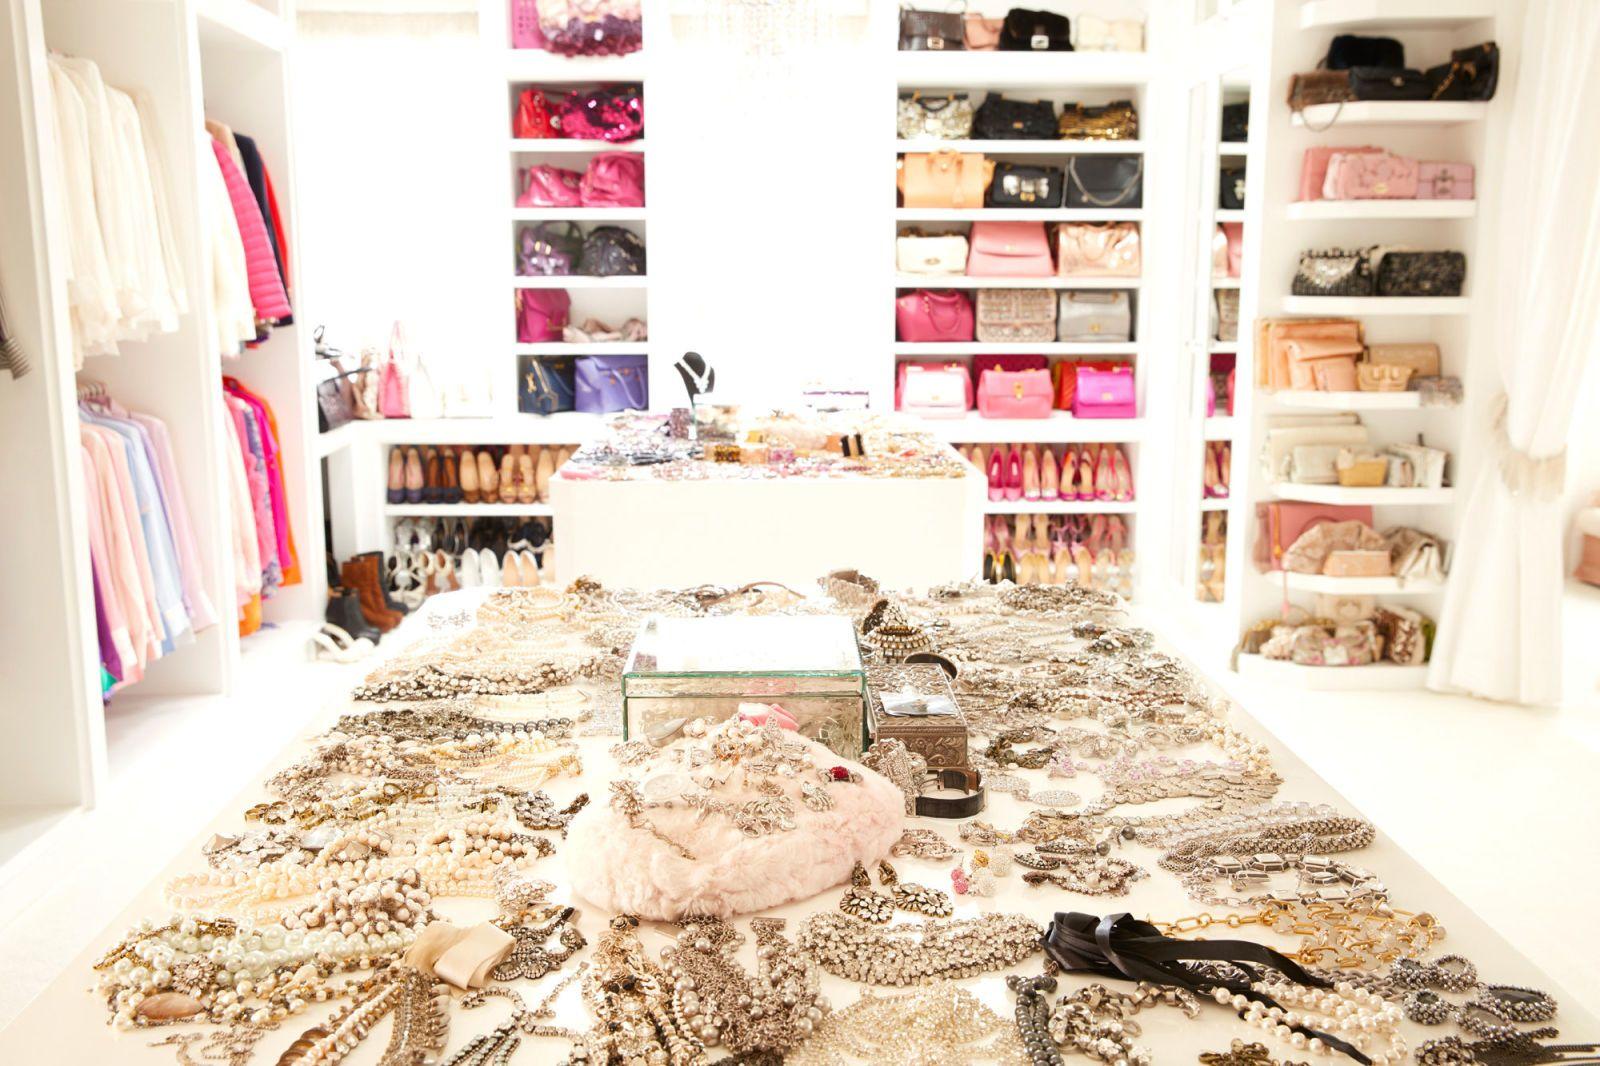 Beauty Vanity Lisa Vanderpump Gets Real Lisa Vanderpump House Lisa Vanderpump Lisa Vanderpump Closet